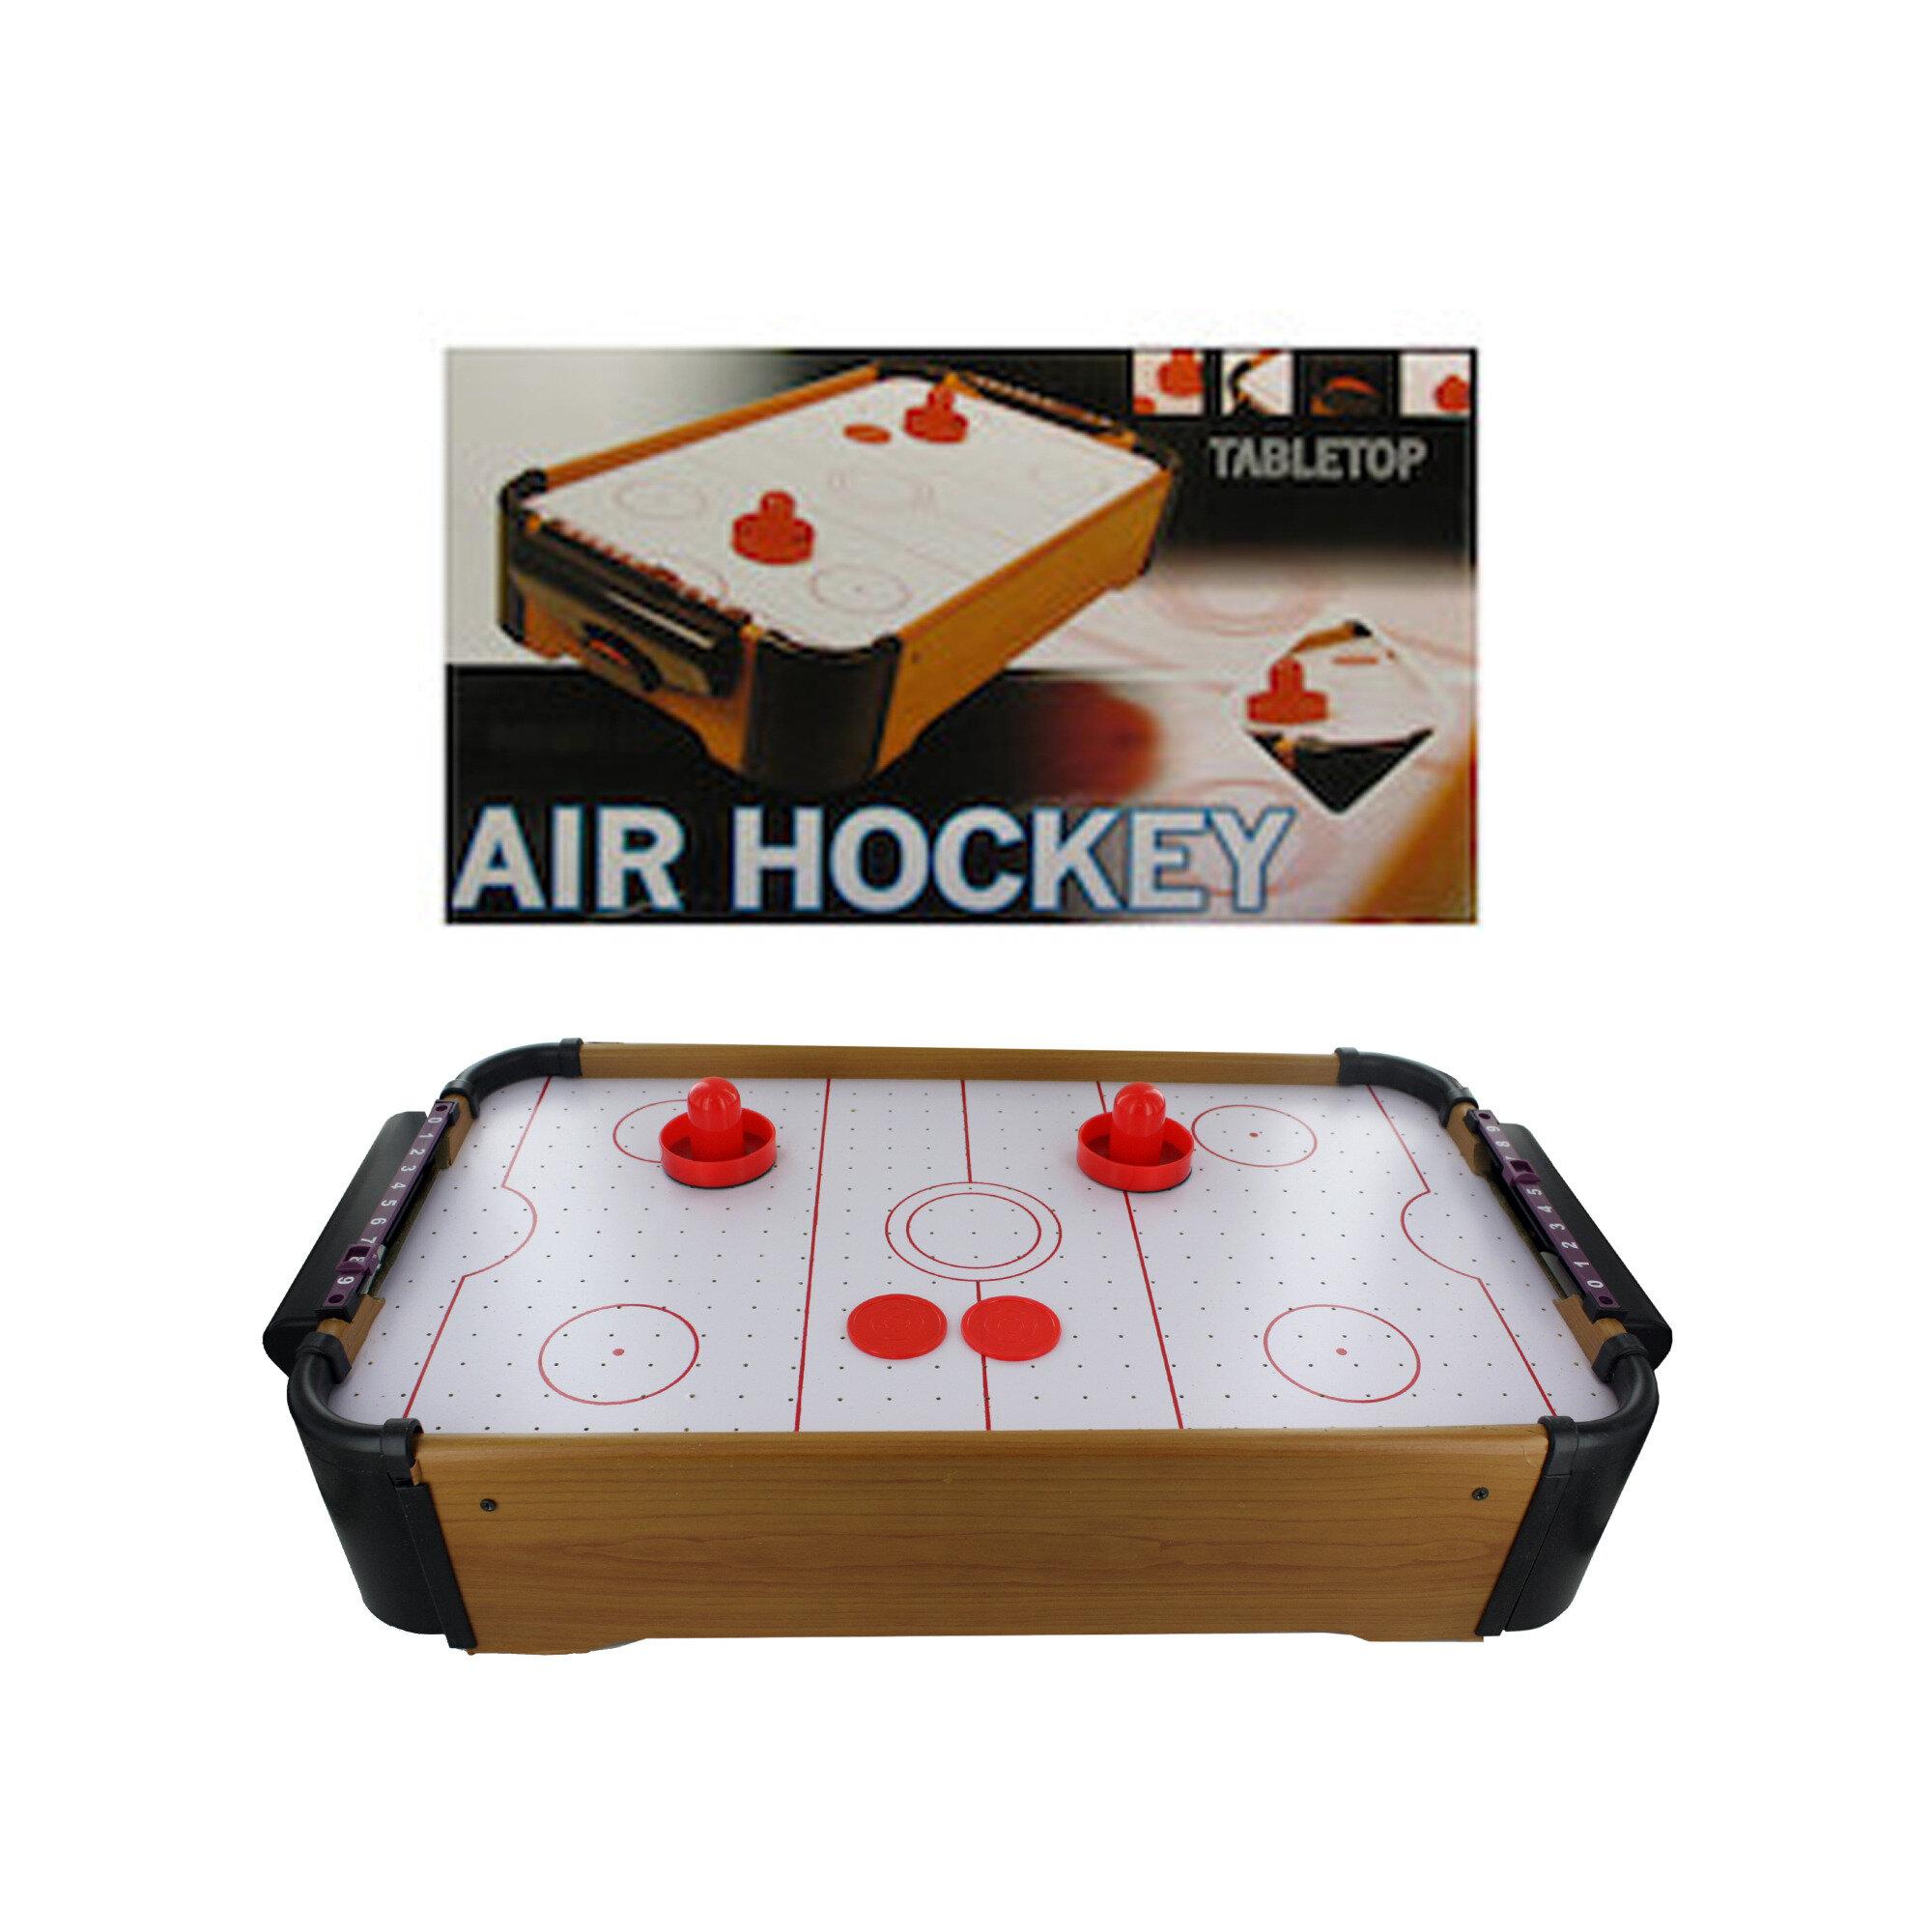 Koleimports Air Hockey Tabletop Game Wayfair